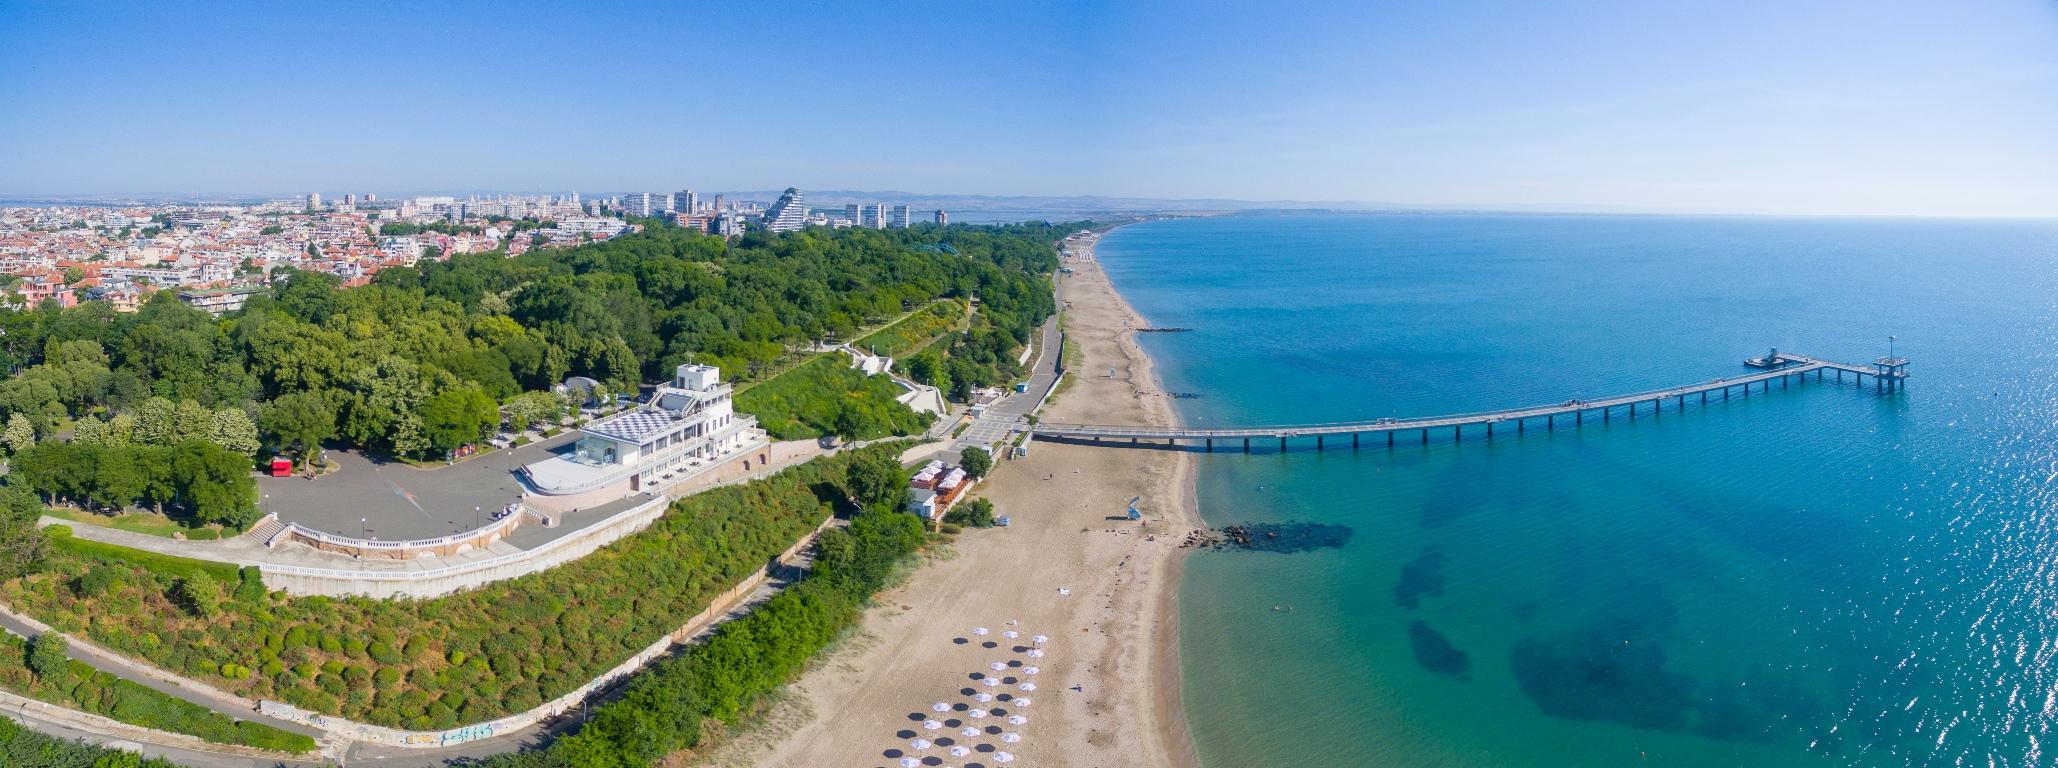 Престижна конференция на БАН събира в Бургас 40 докторанти по право от цялата страна